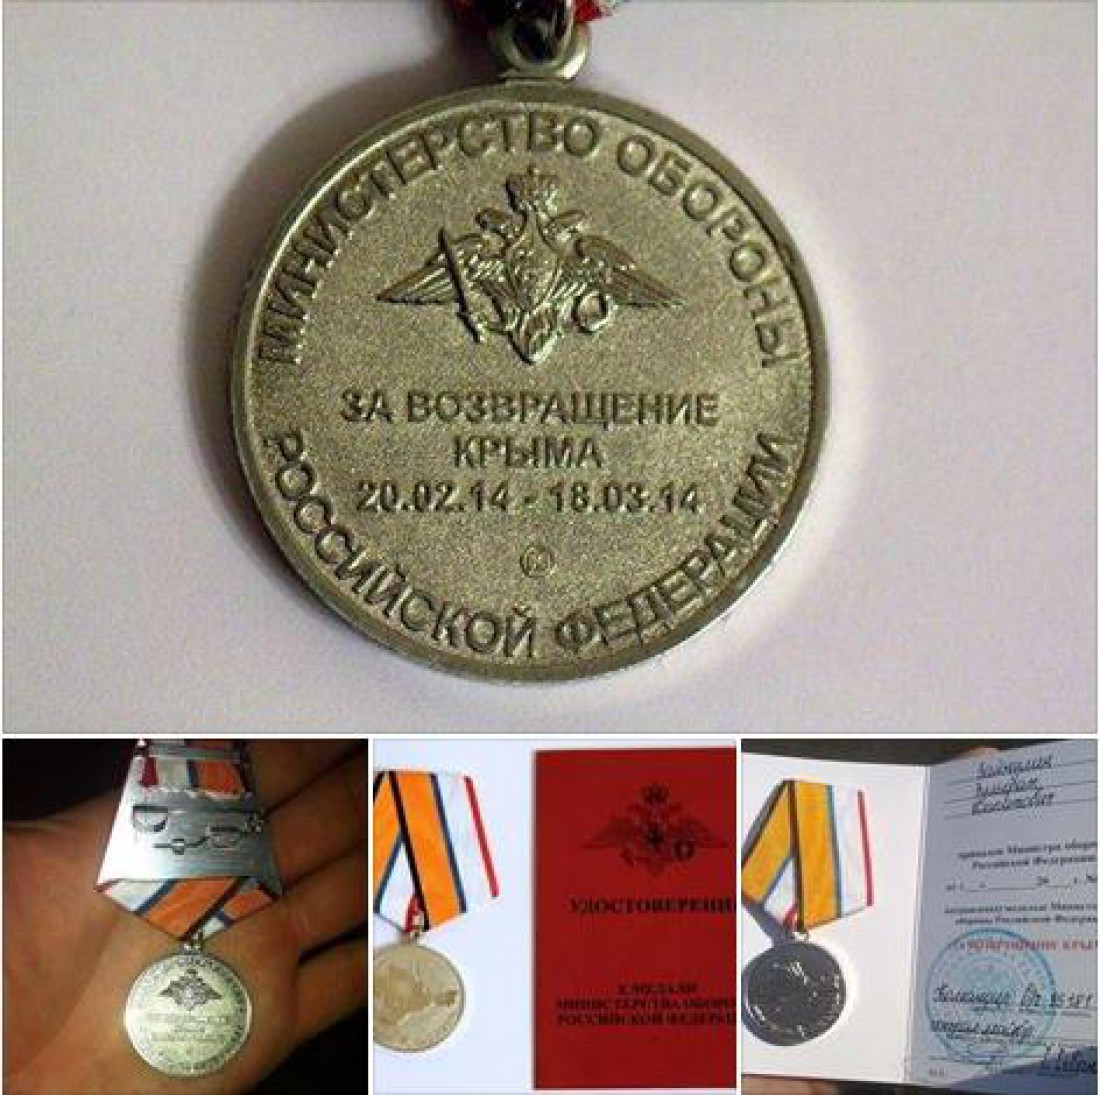 Несоответствия прослеживаются и на медалях